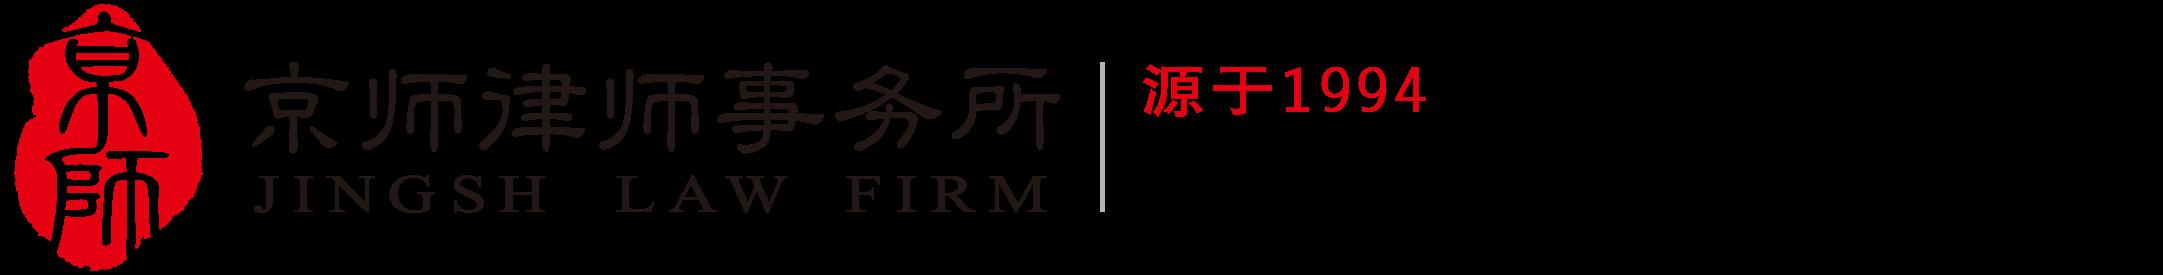 四川投点广告有限公司1